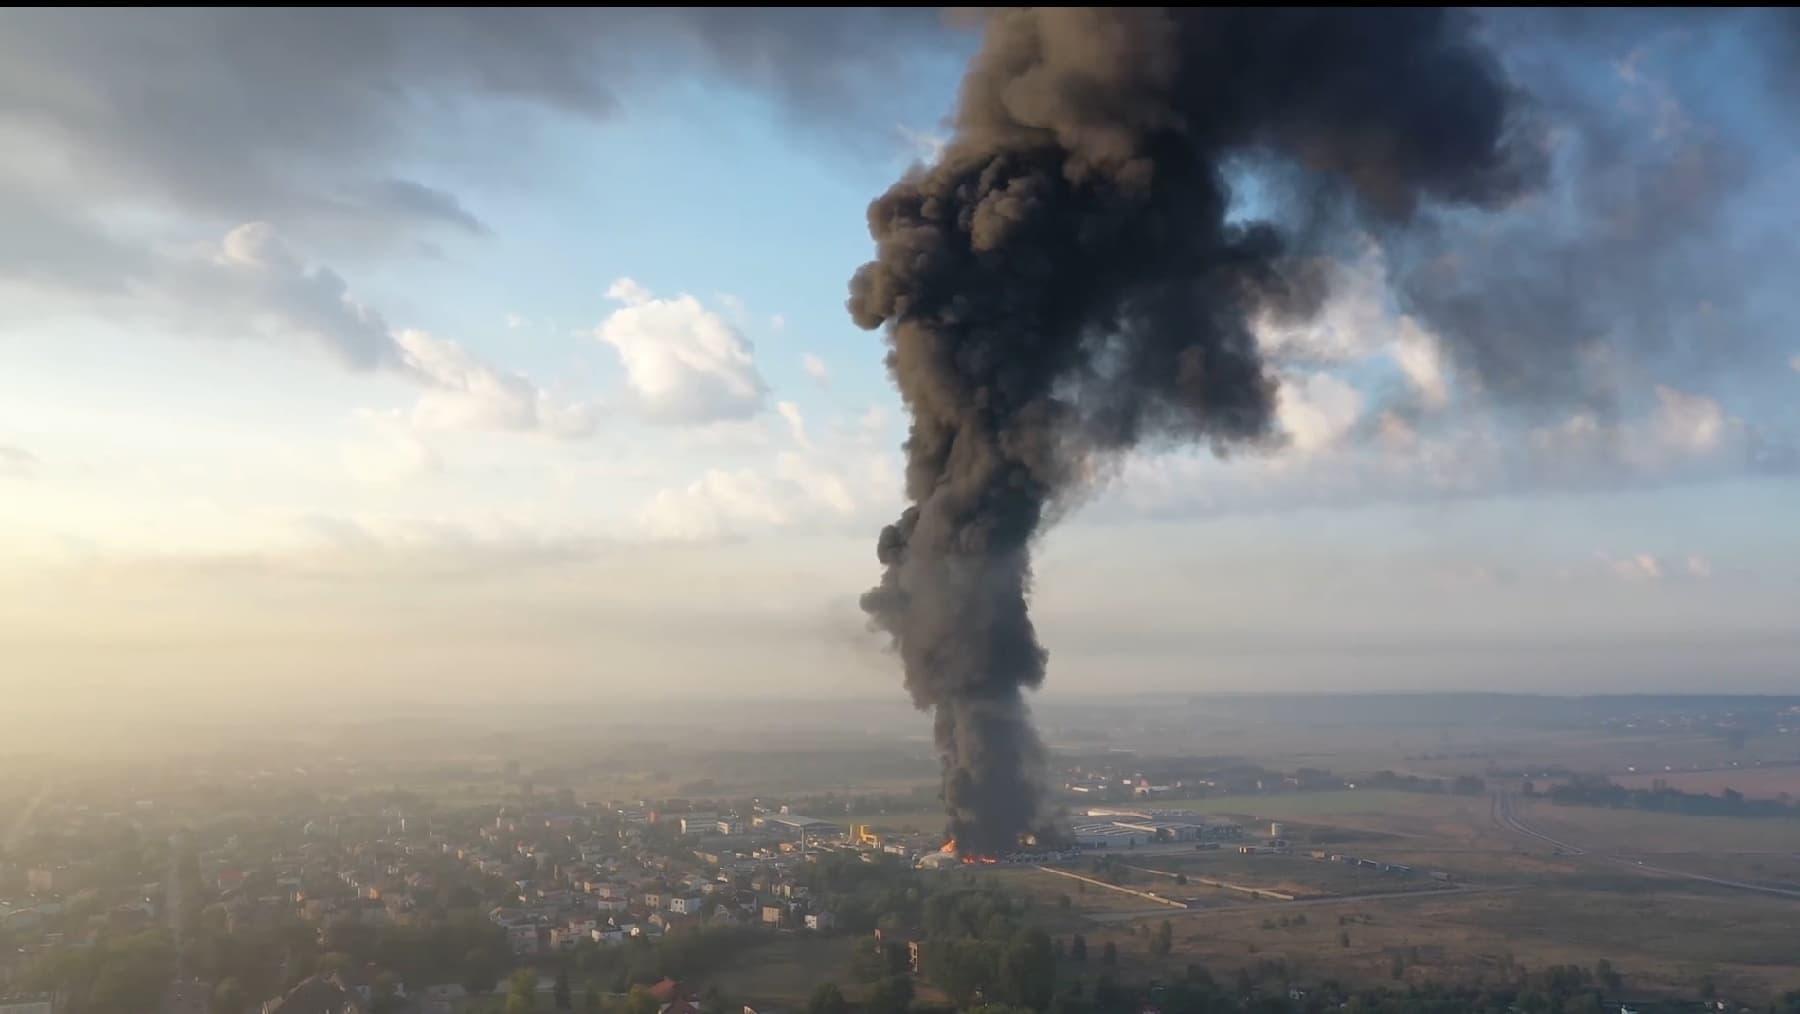 Ogromny pożar składowiska! W akcji gaśniczej ponad 40 zastępów straży pożarnej [WIDEO]